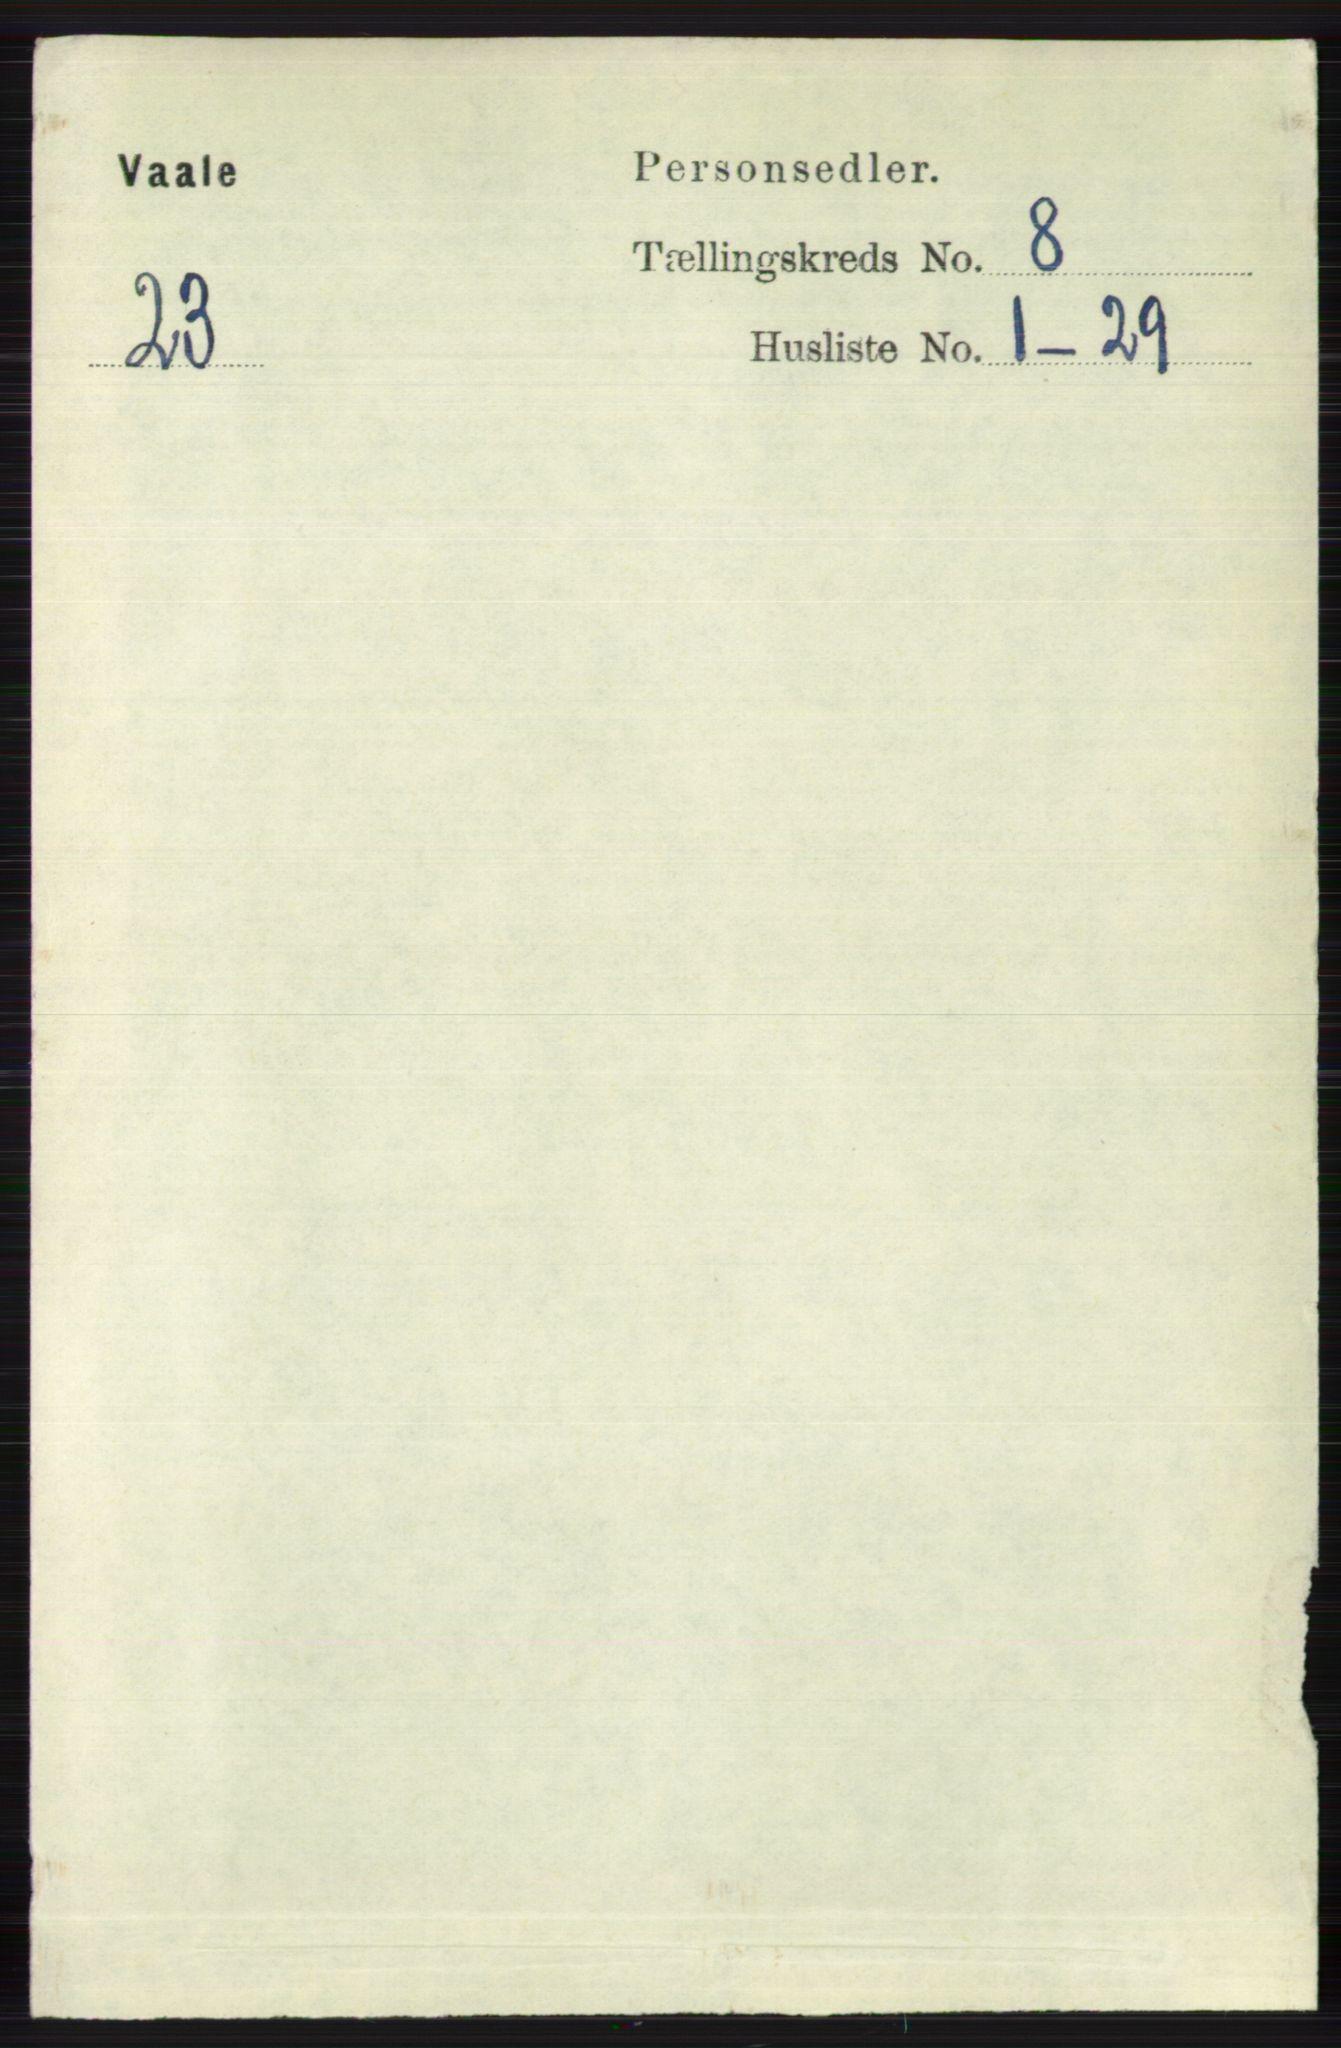 RA, Folketelling 1891 for 0716 Våle herred, 1891, s. 2863